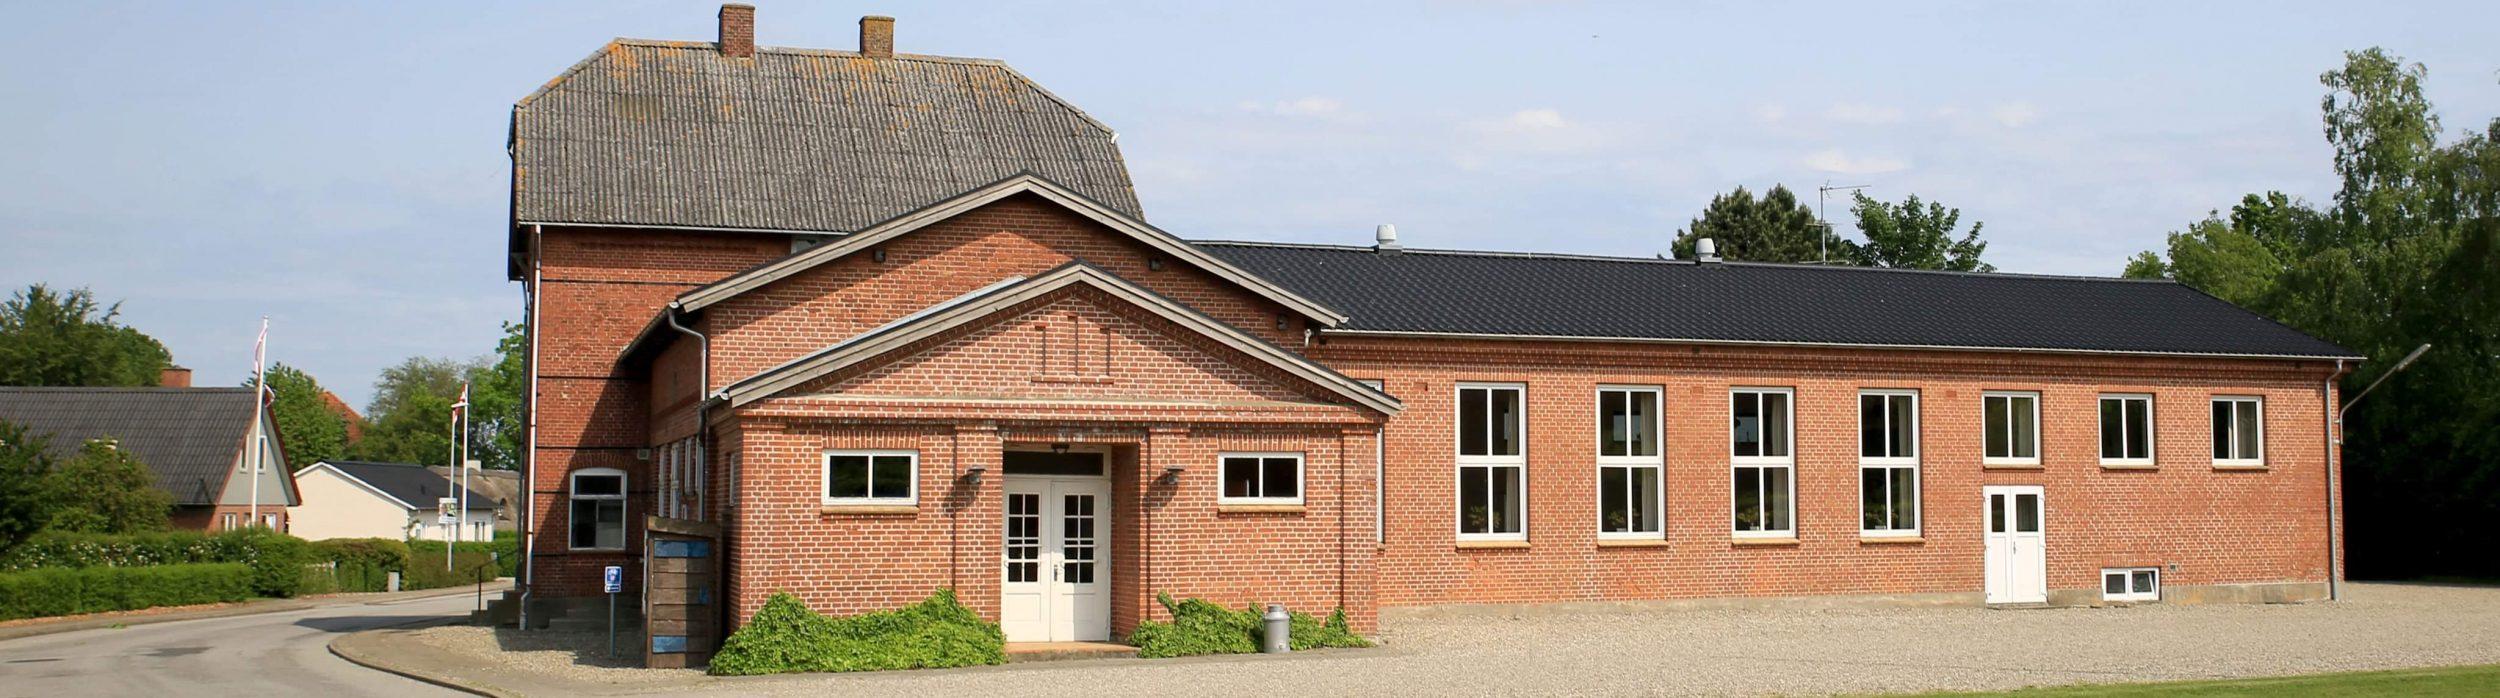 Vilstrup Forsamlingshus